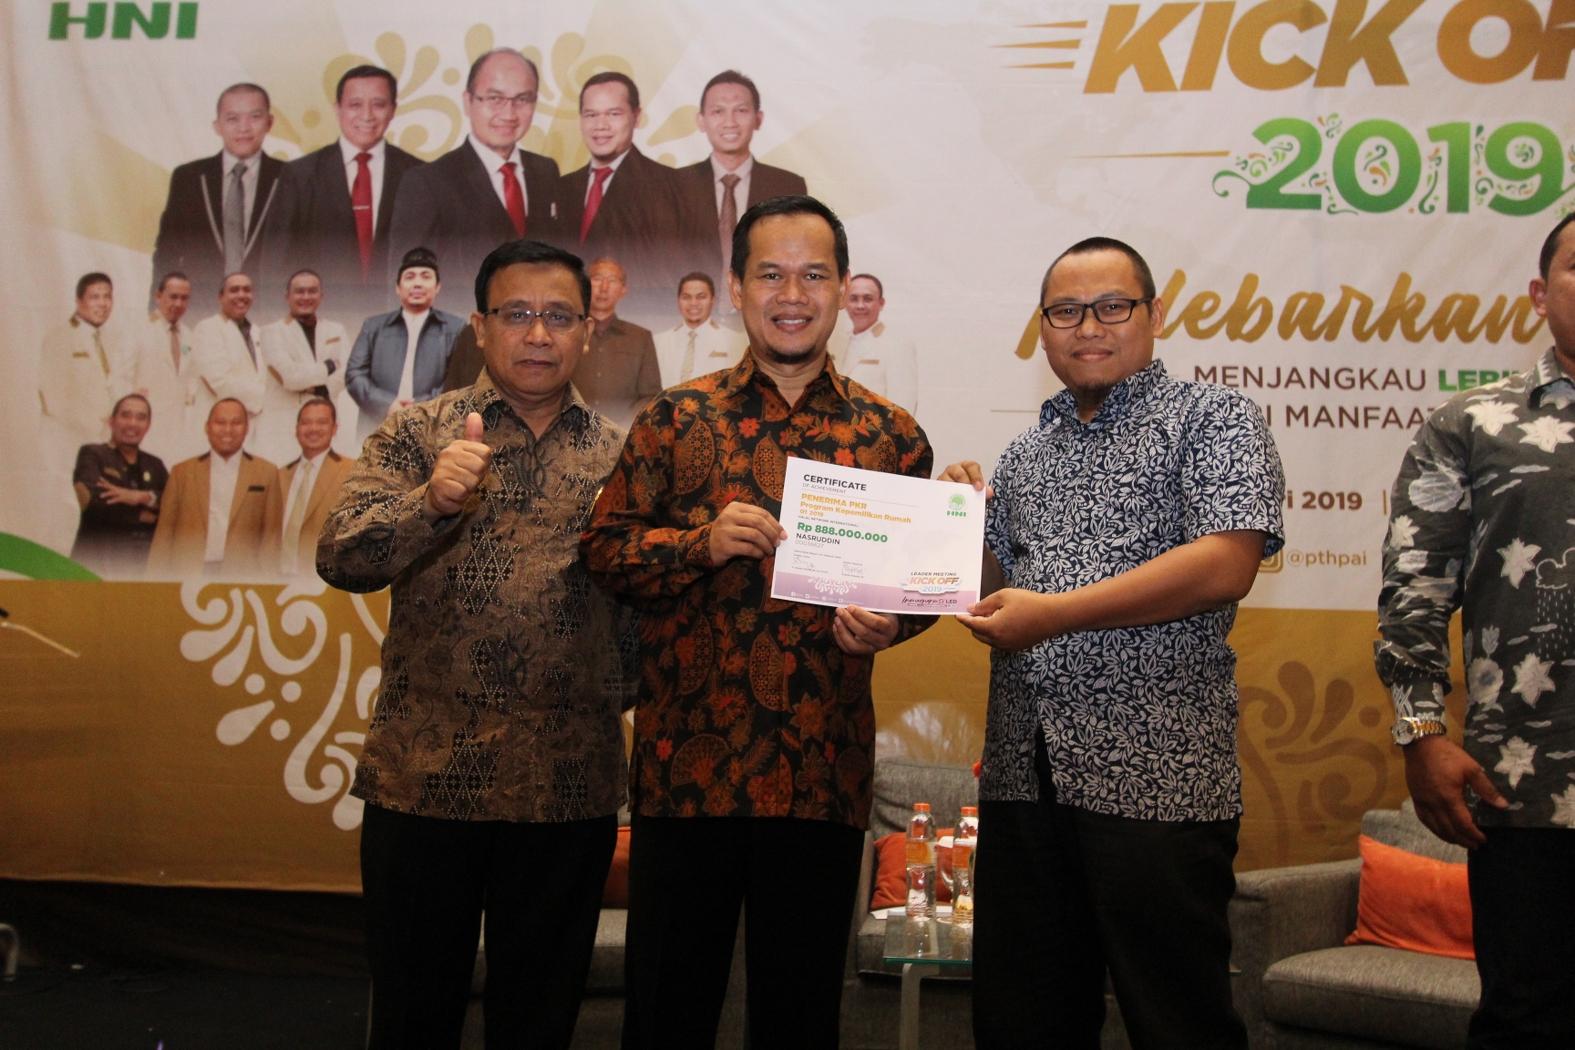 Leader Meeting Kick Off 2019